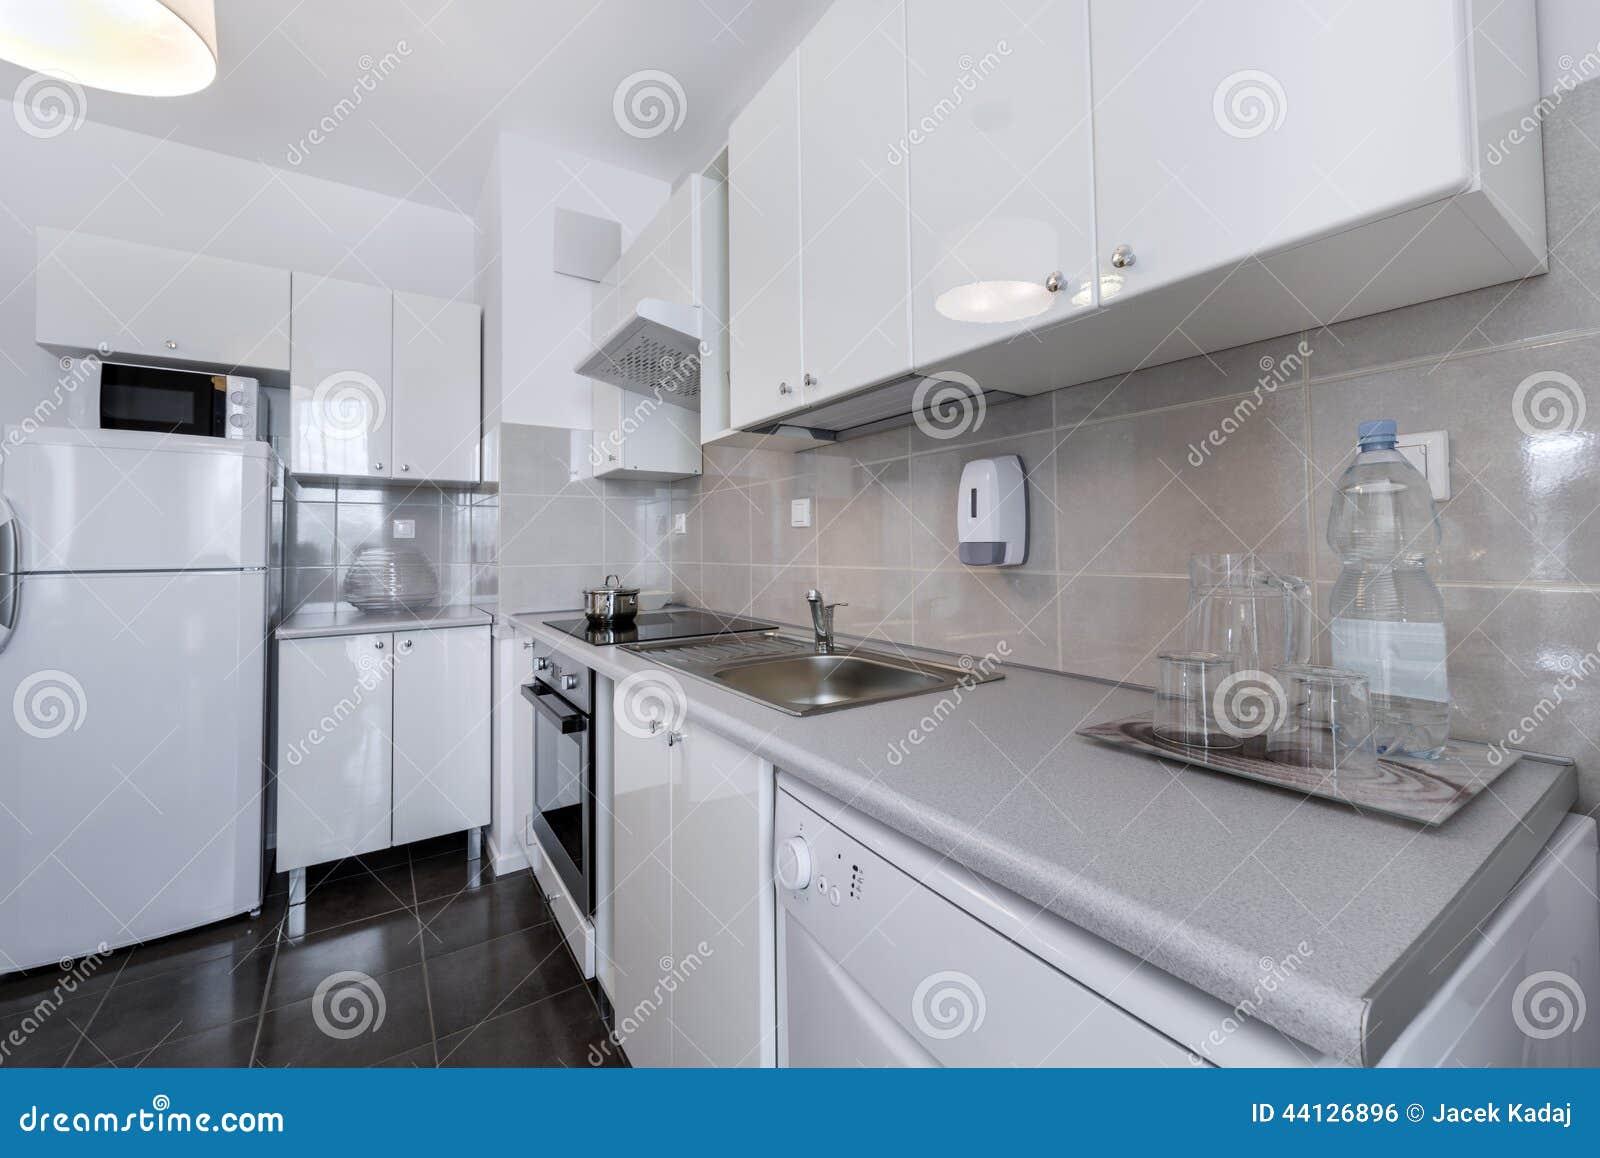 Weiß, Moderne Innenarchitektur: Kleine Küche Stockfoto - Bild von ...